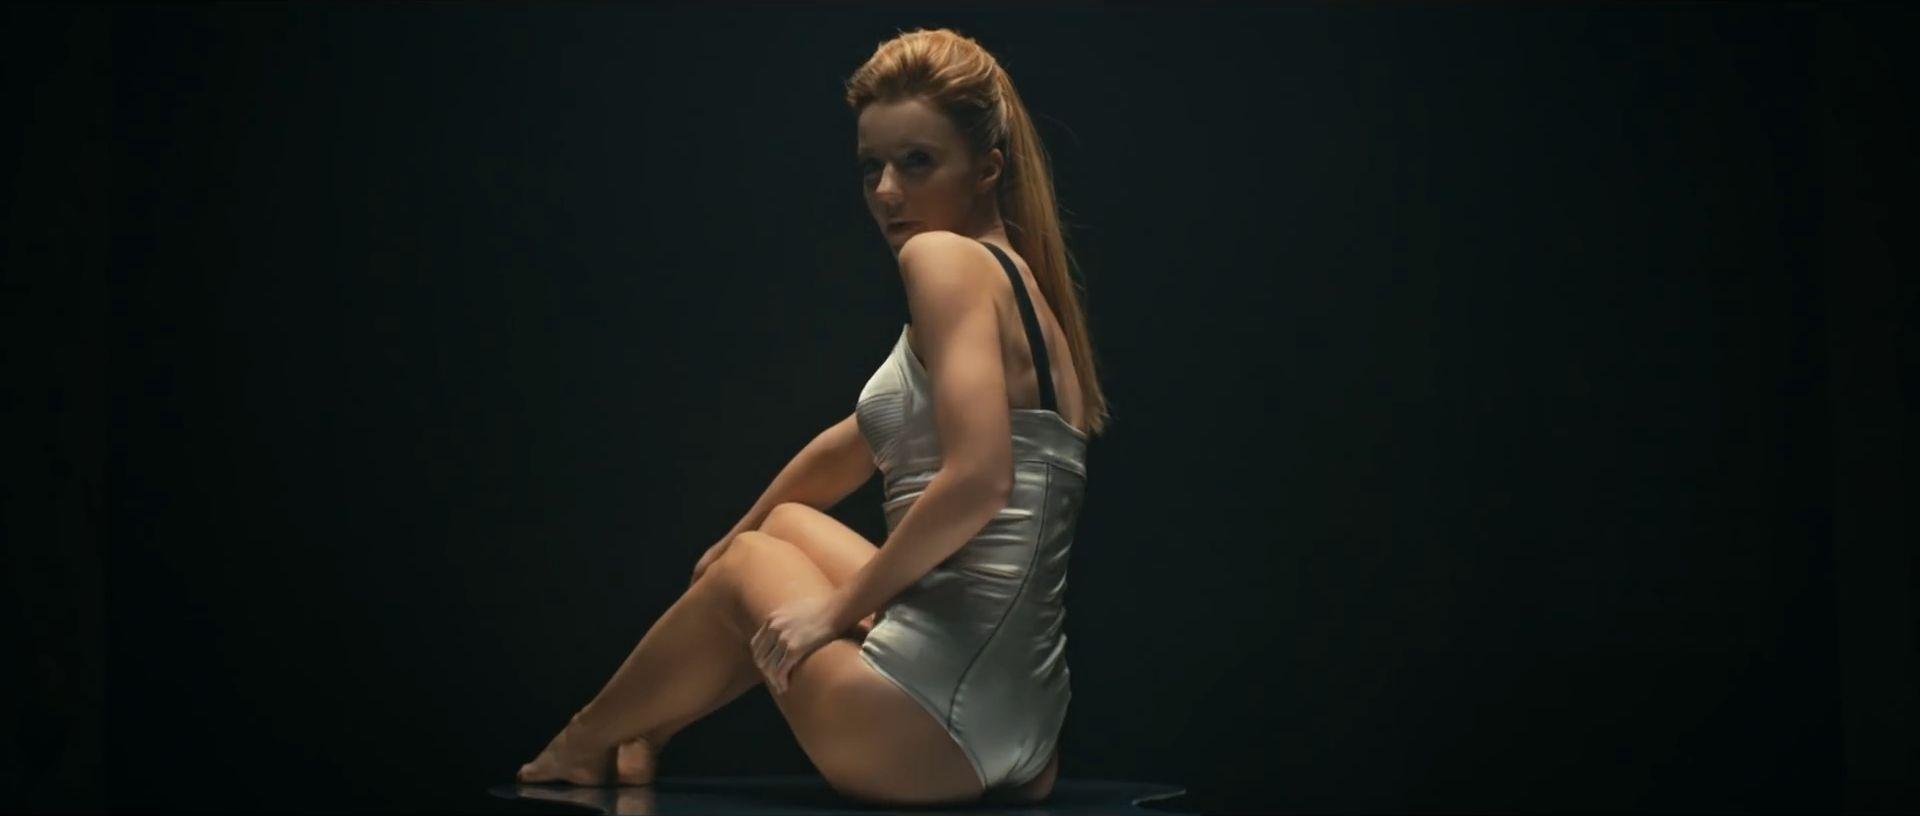 yulianna-karaulova-nyu